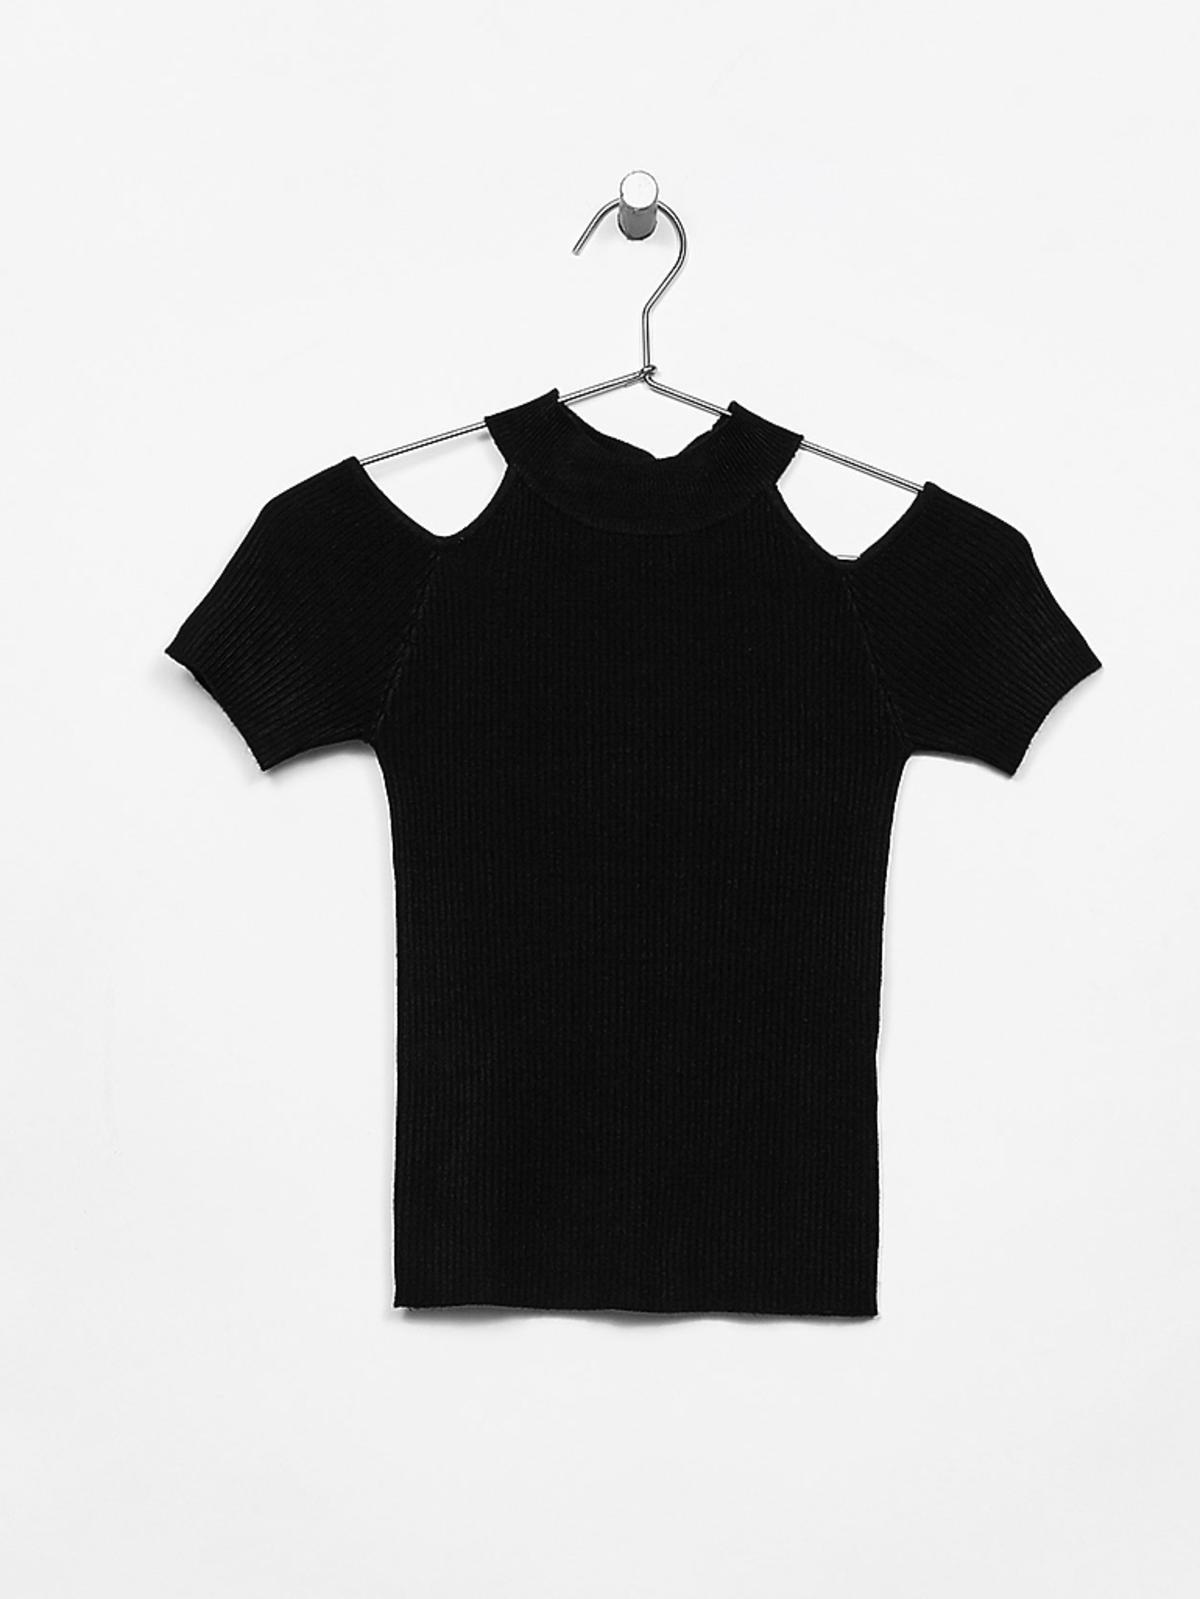 Bluzka z wycięcami na ramiona, Bershka, 49,90 zł